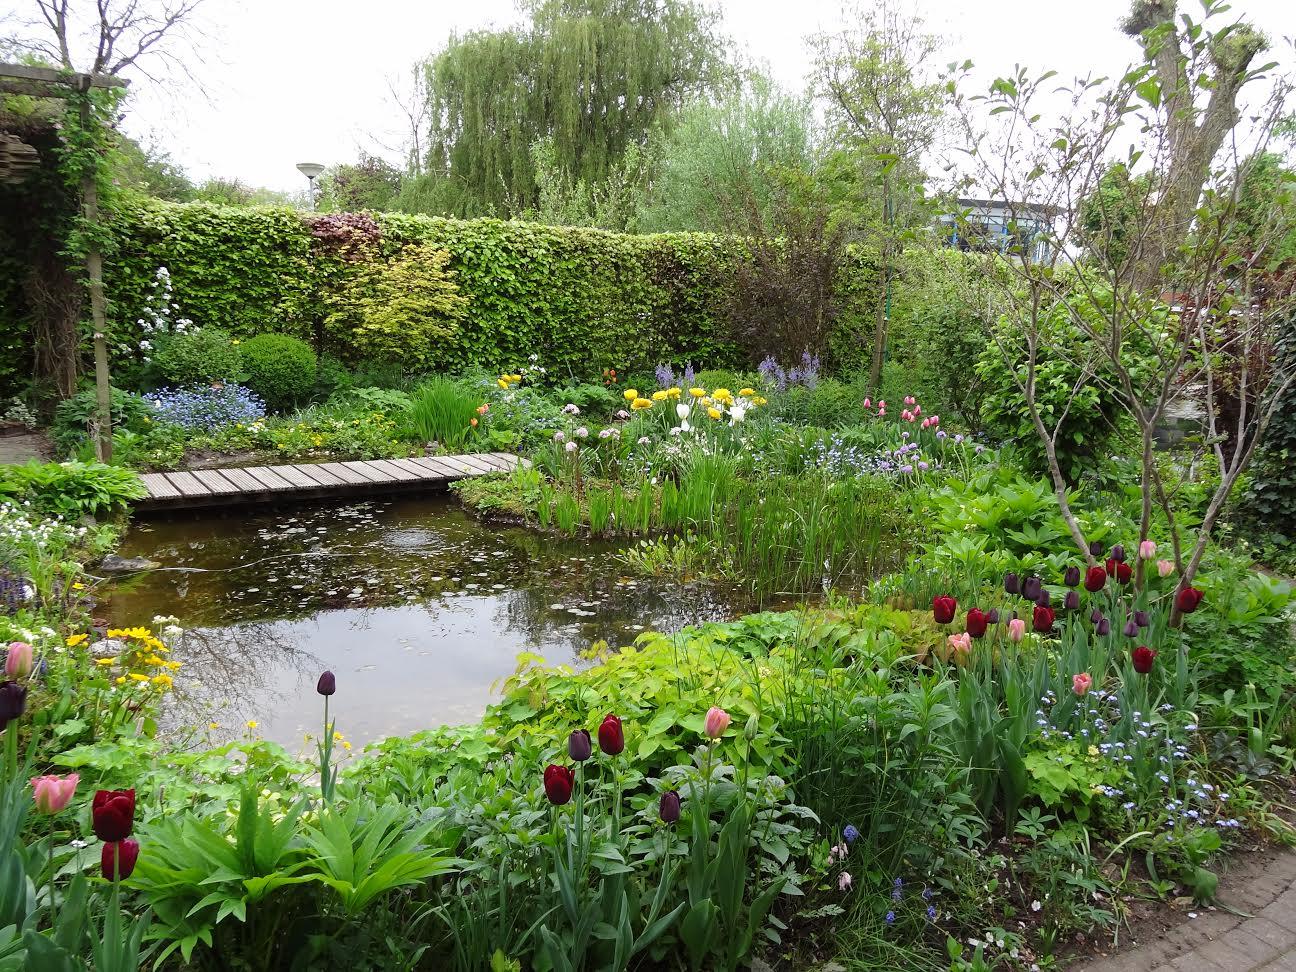 Groei bloei excursie naar de tuin van tineke in for Tuin aanleggen nijmegen